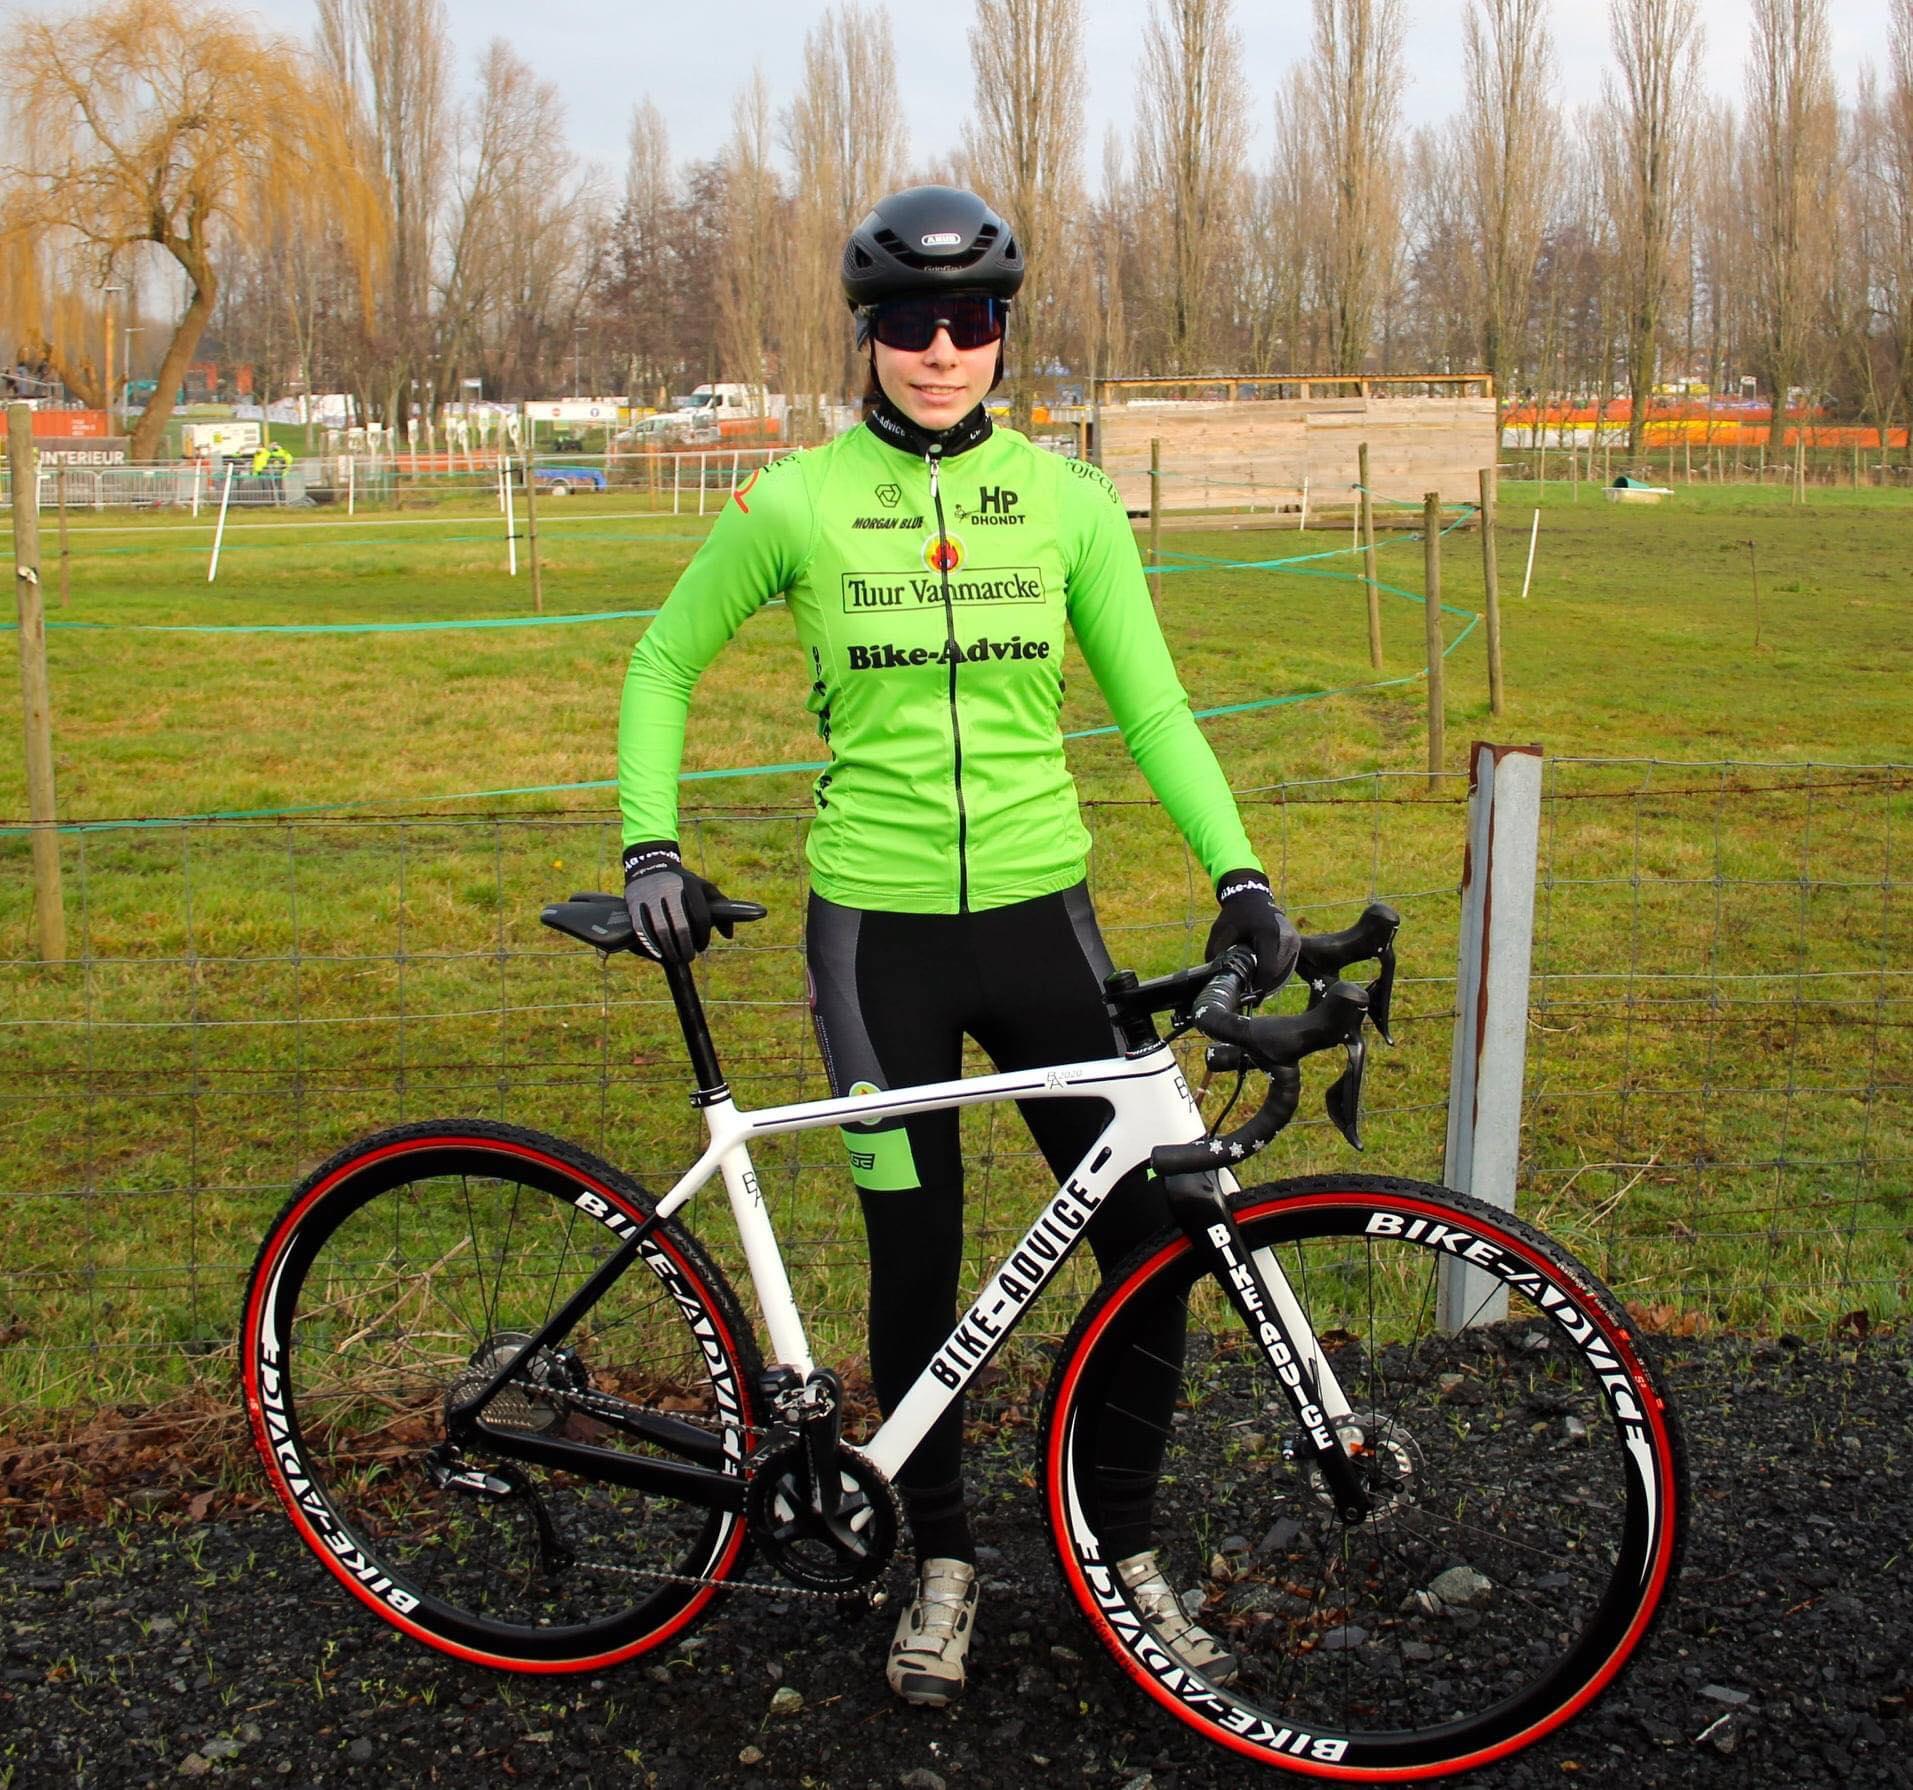 Veldrijdster Lise Van Wunsel begon opnieuw na een UCI-punt in Tsjechië